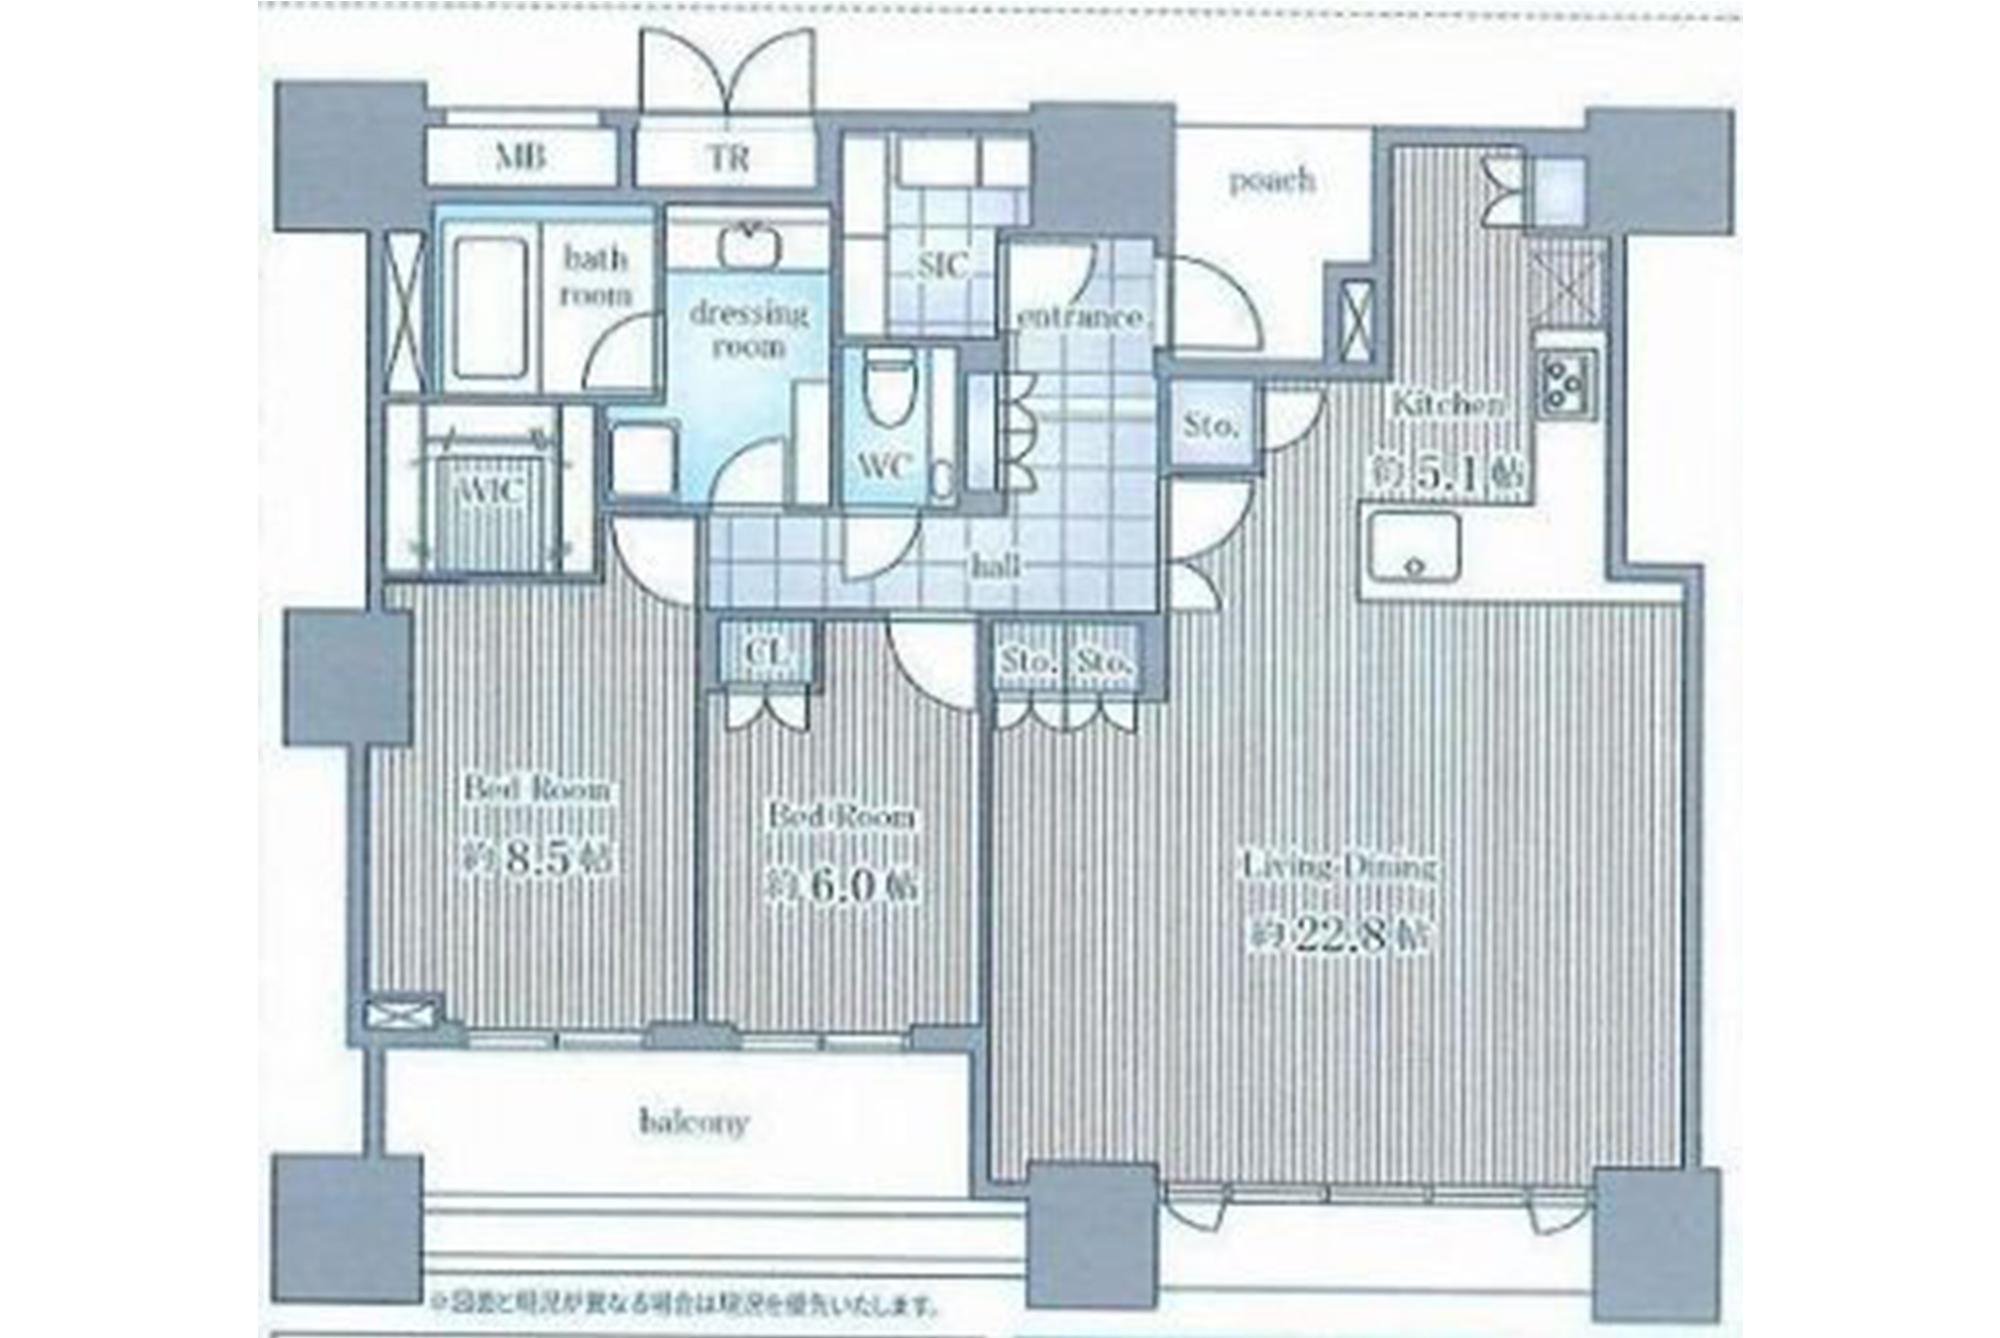 ドゥ・トゥール52階の写真1